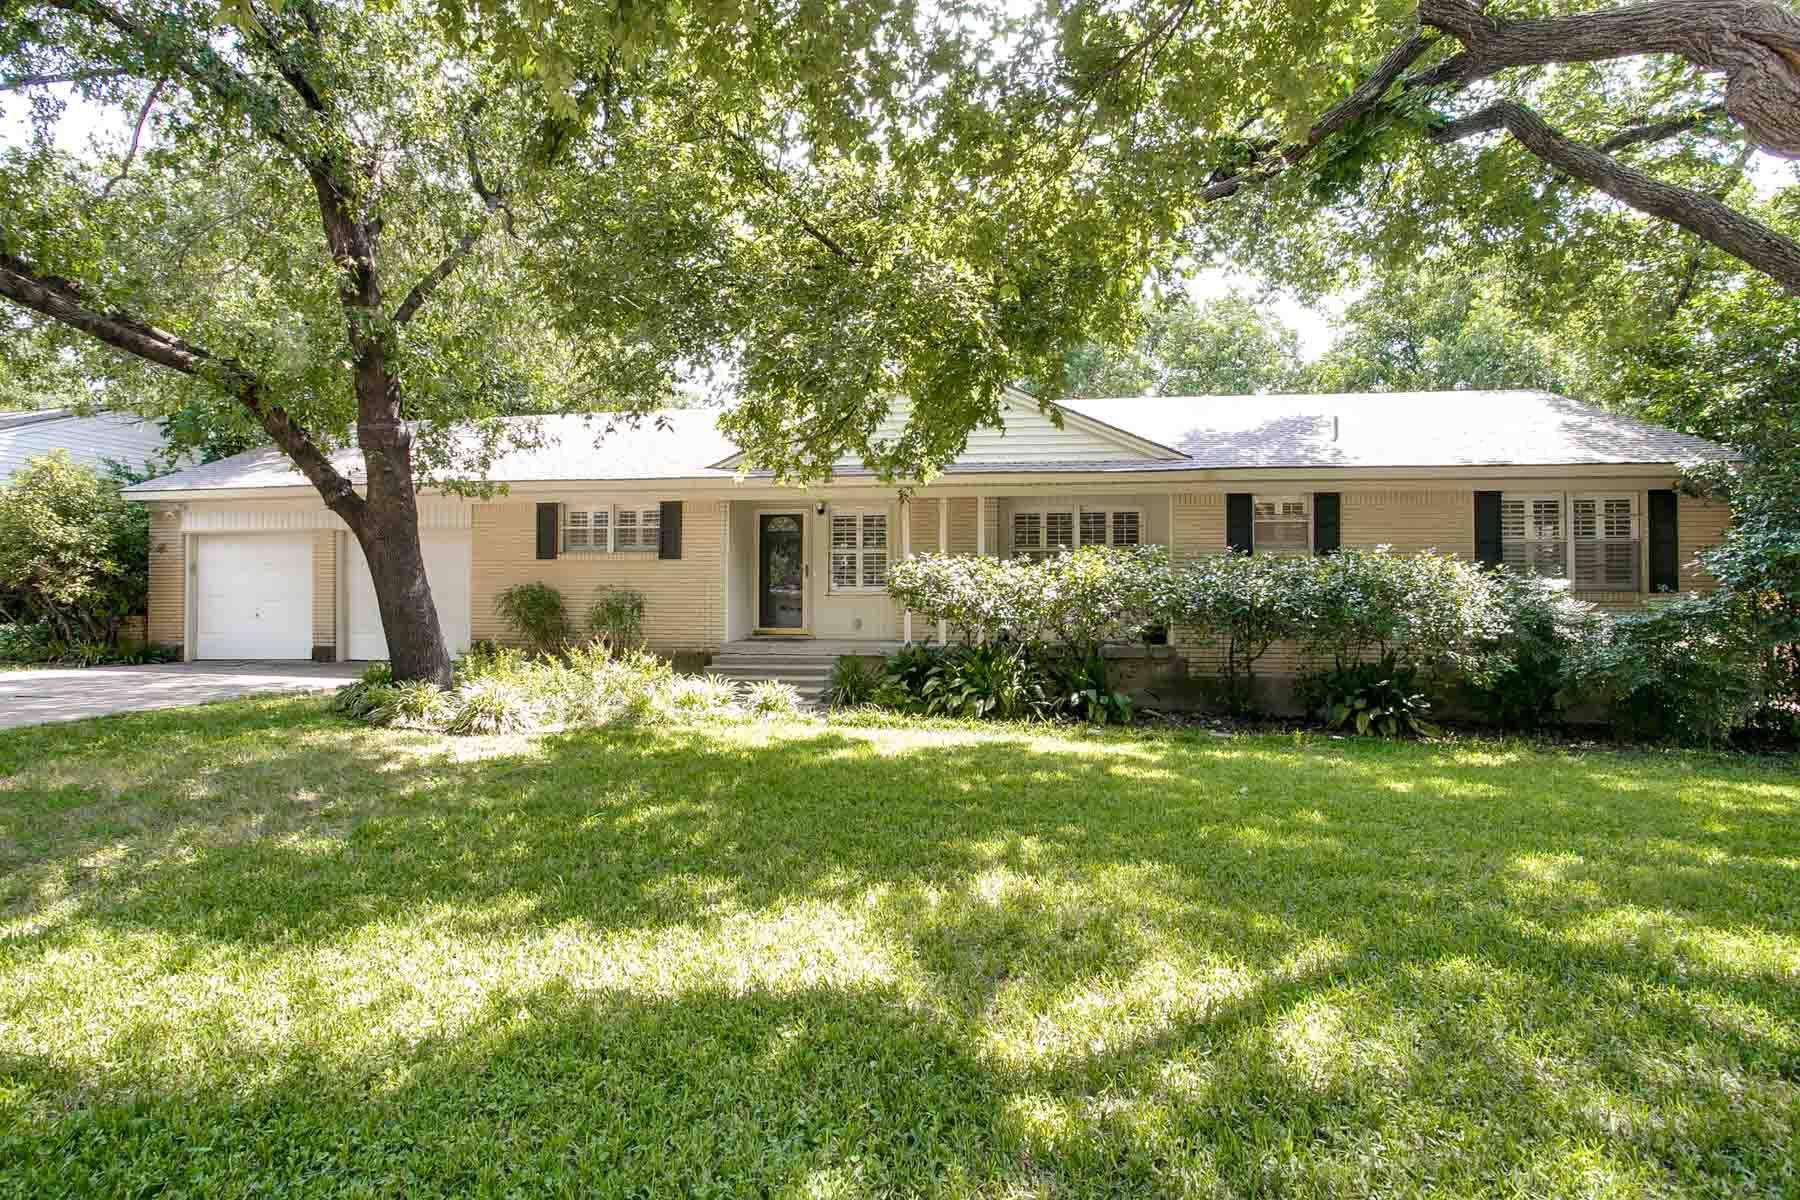 独户住宅 为 销售 在 Ridglea Hills Classic 3929 Clayton Road West 沃斯堡市, 得克萨斯州, 76116 美国